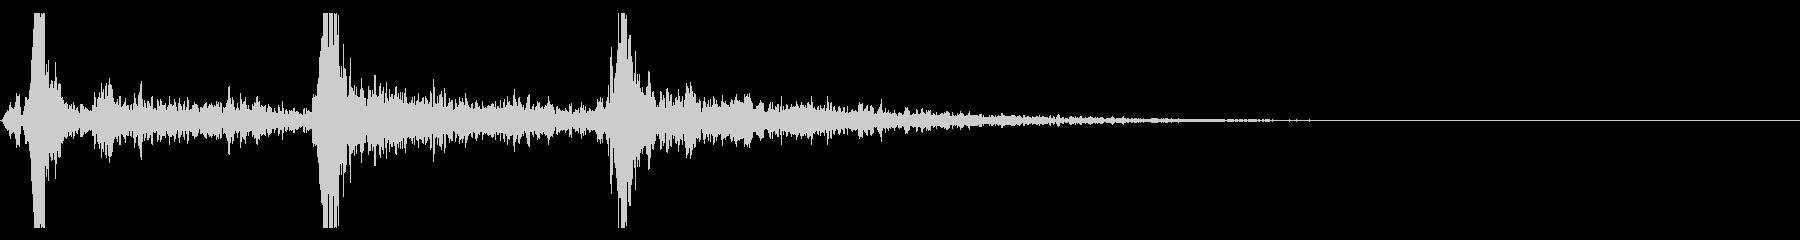 シャン×3(鈴の音・3回・広がりあり)の未再生の波形